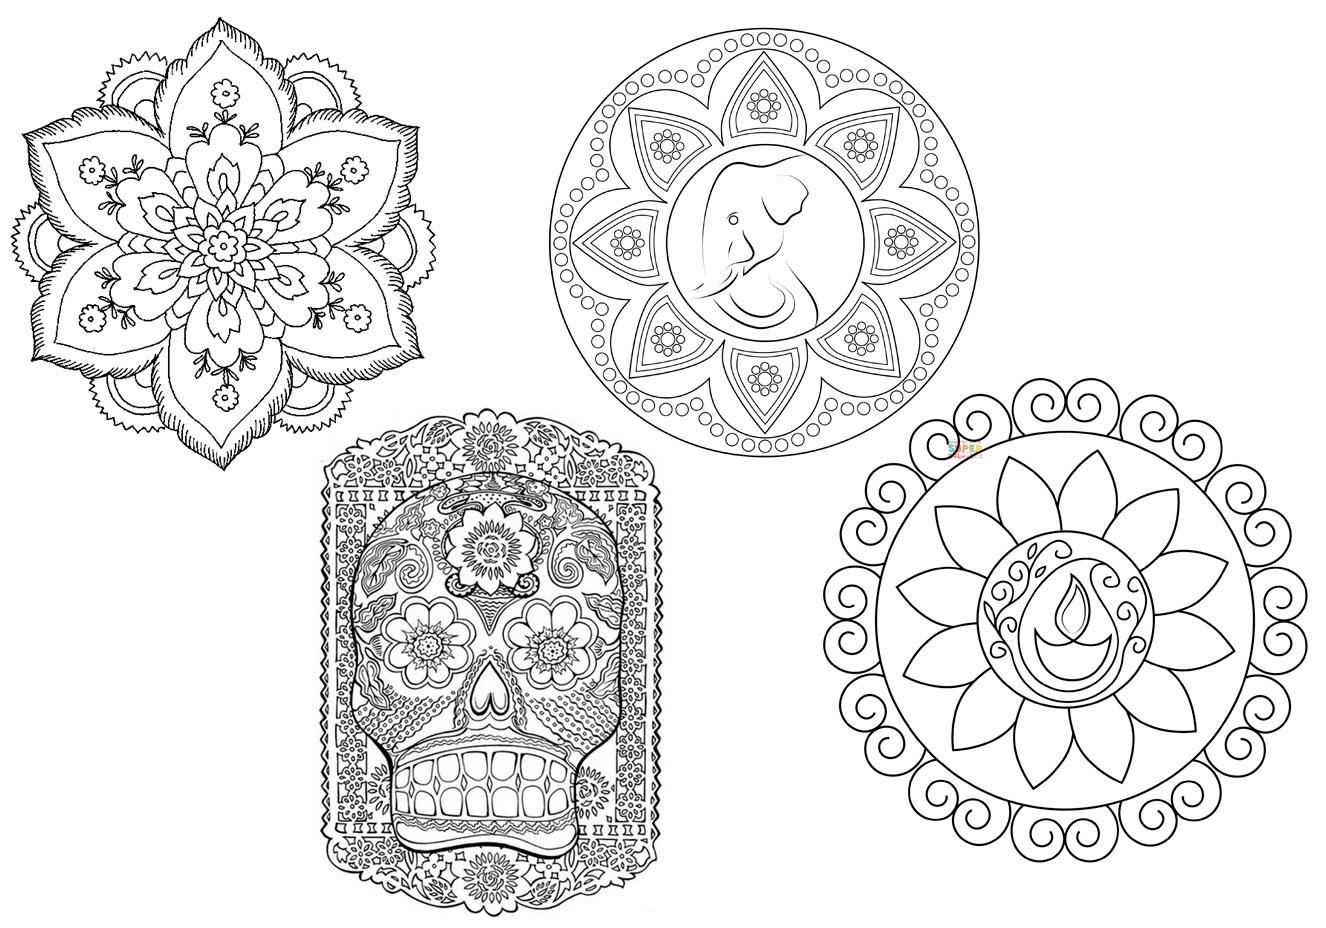 Reprodução/Supercoloring/Desenhos Para Colorir